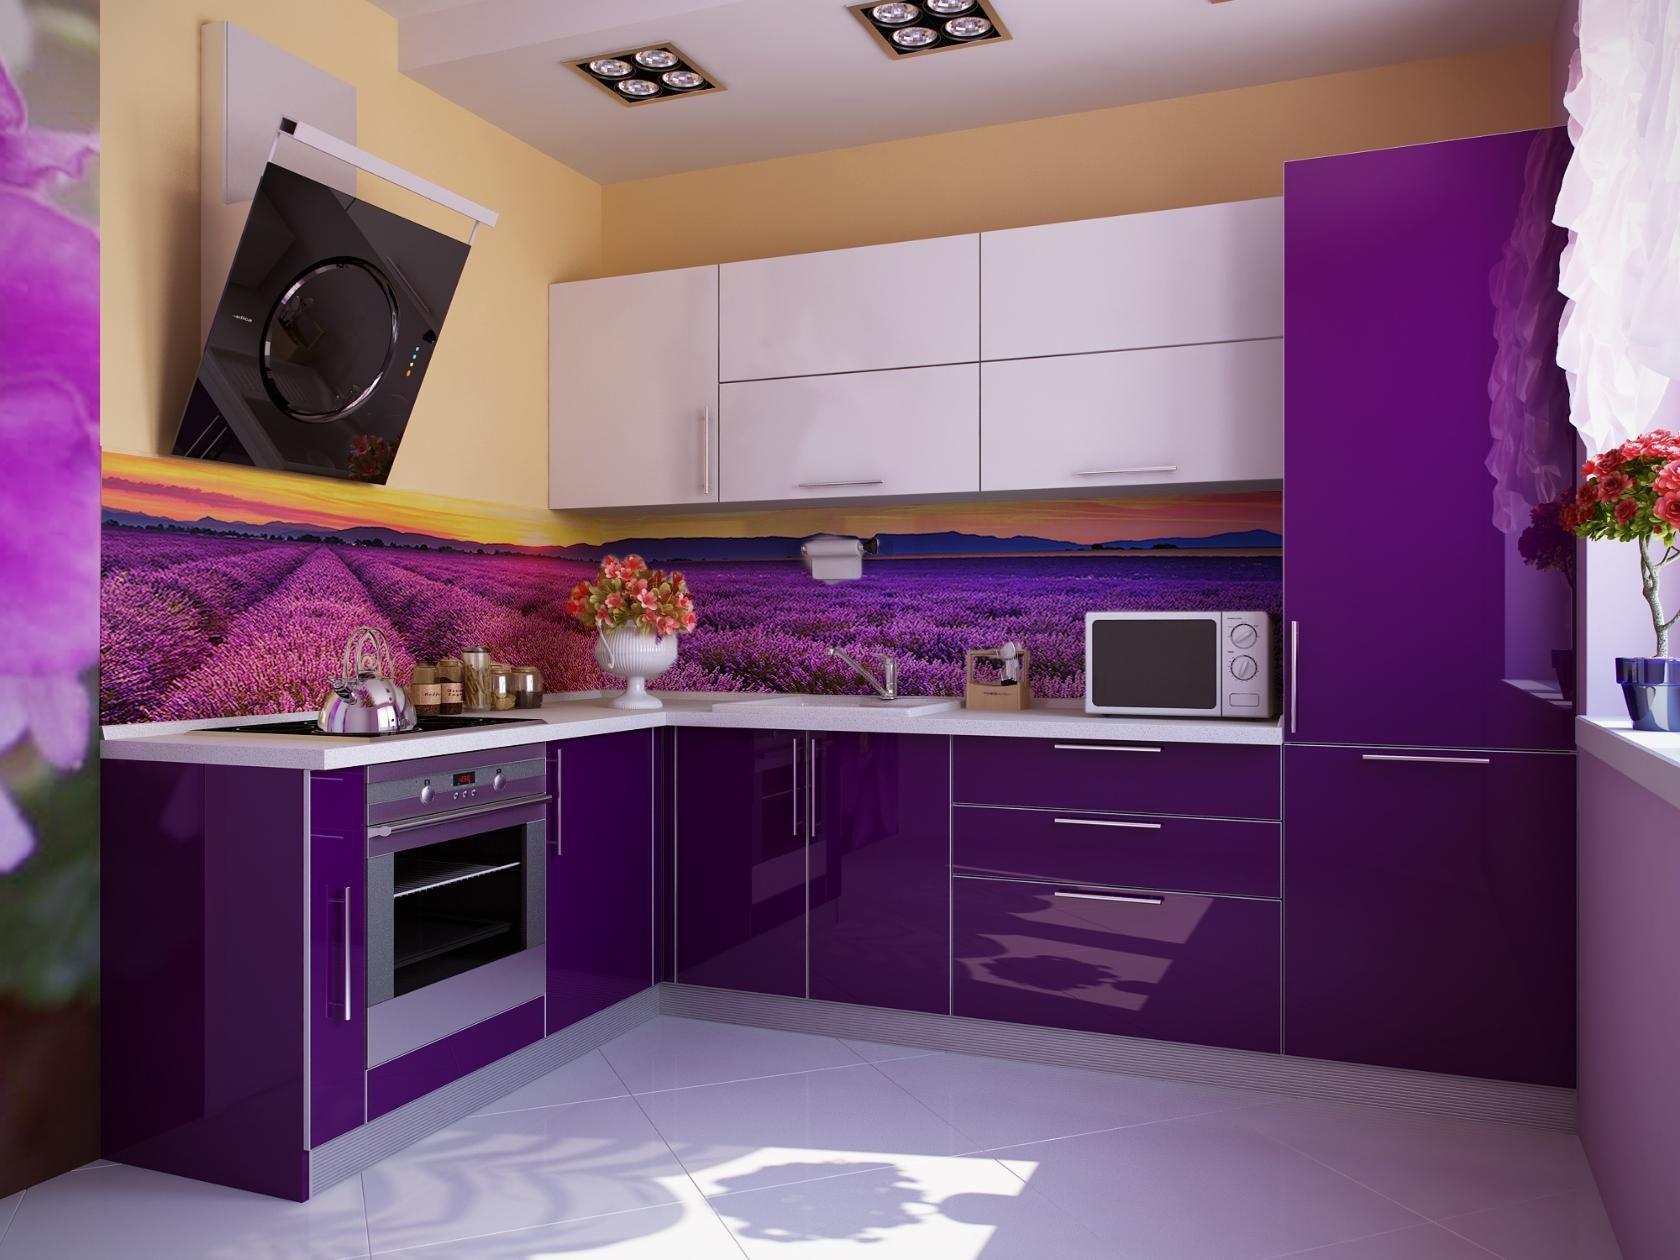 кто кухни фиолетового цвета с белым фото чем сравнимый сценический